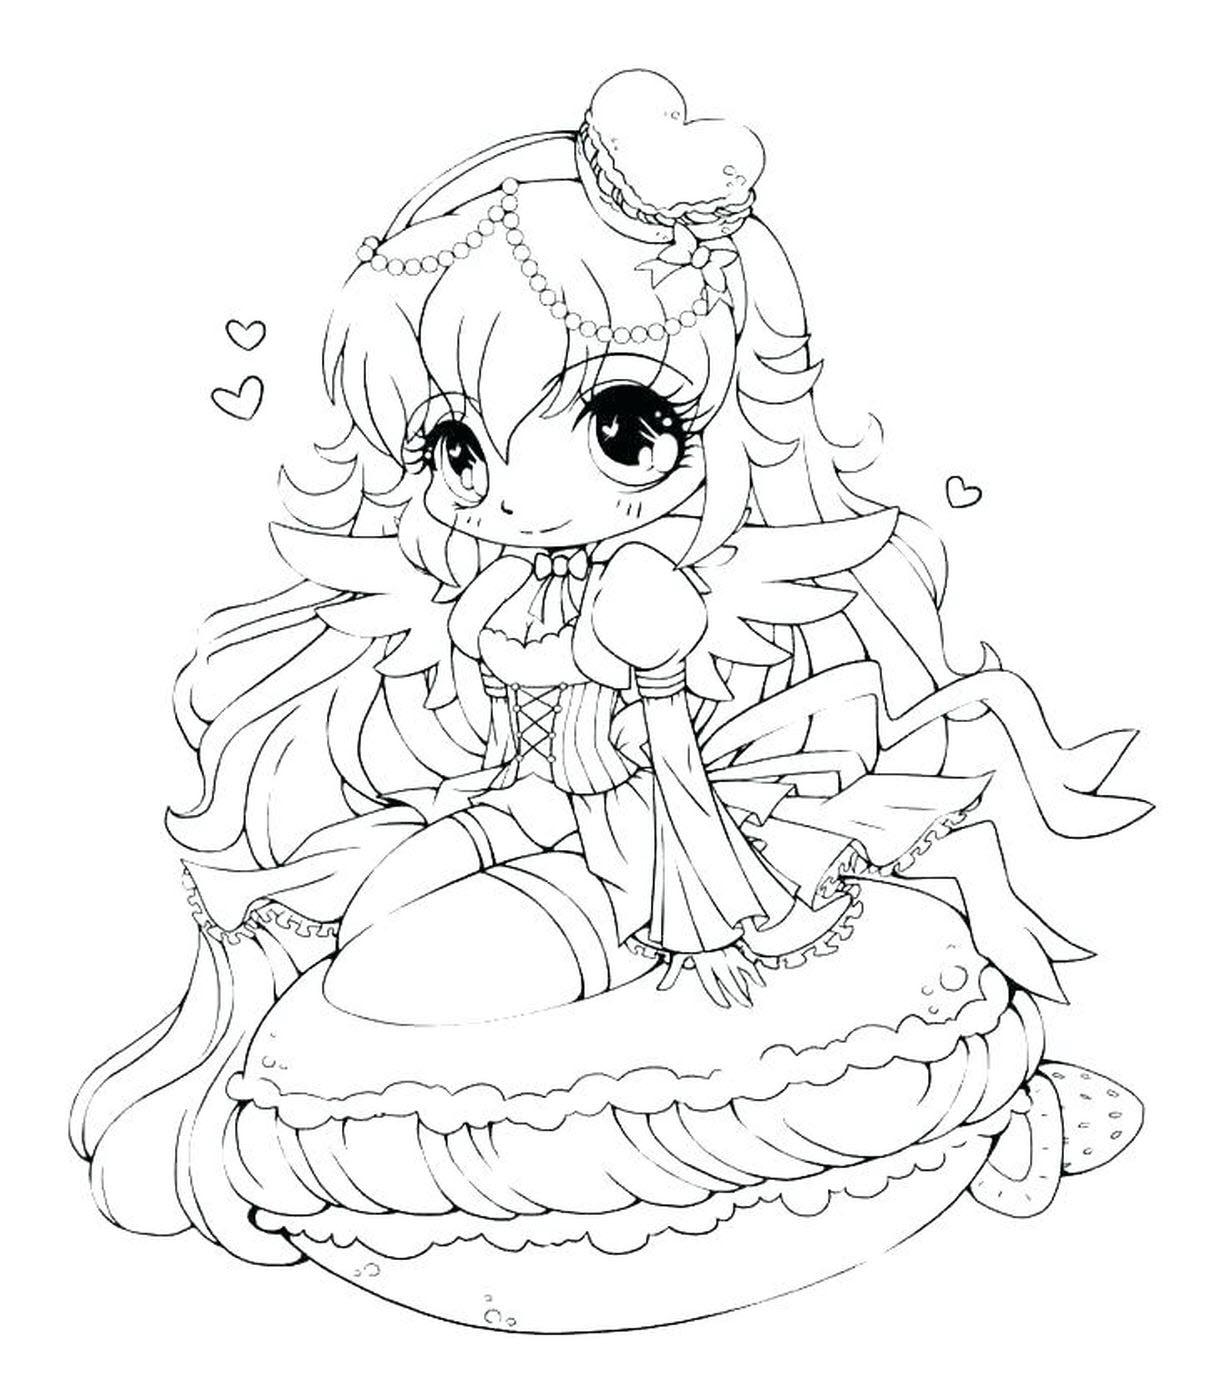 Tranh tô màu công chúa anime được yêu thích nhất